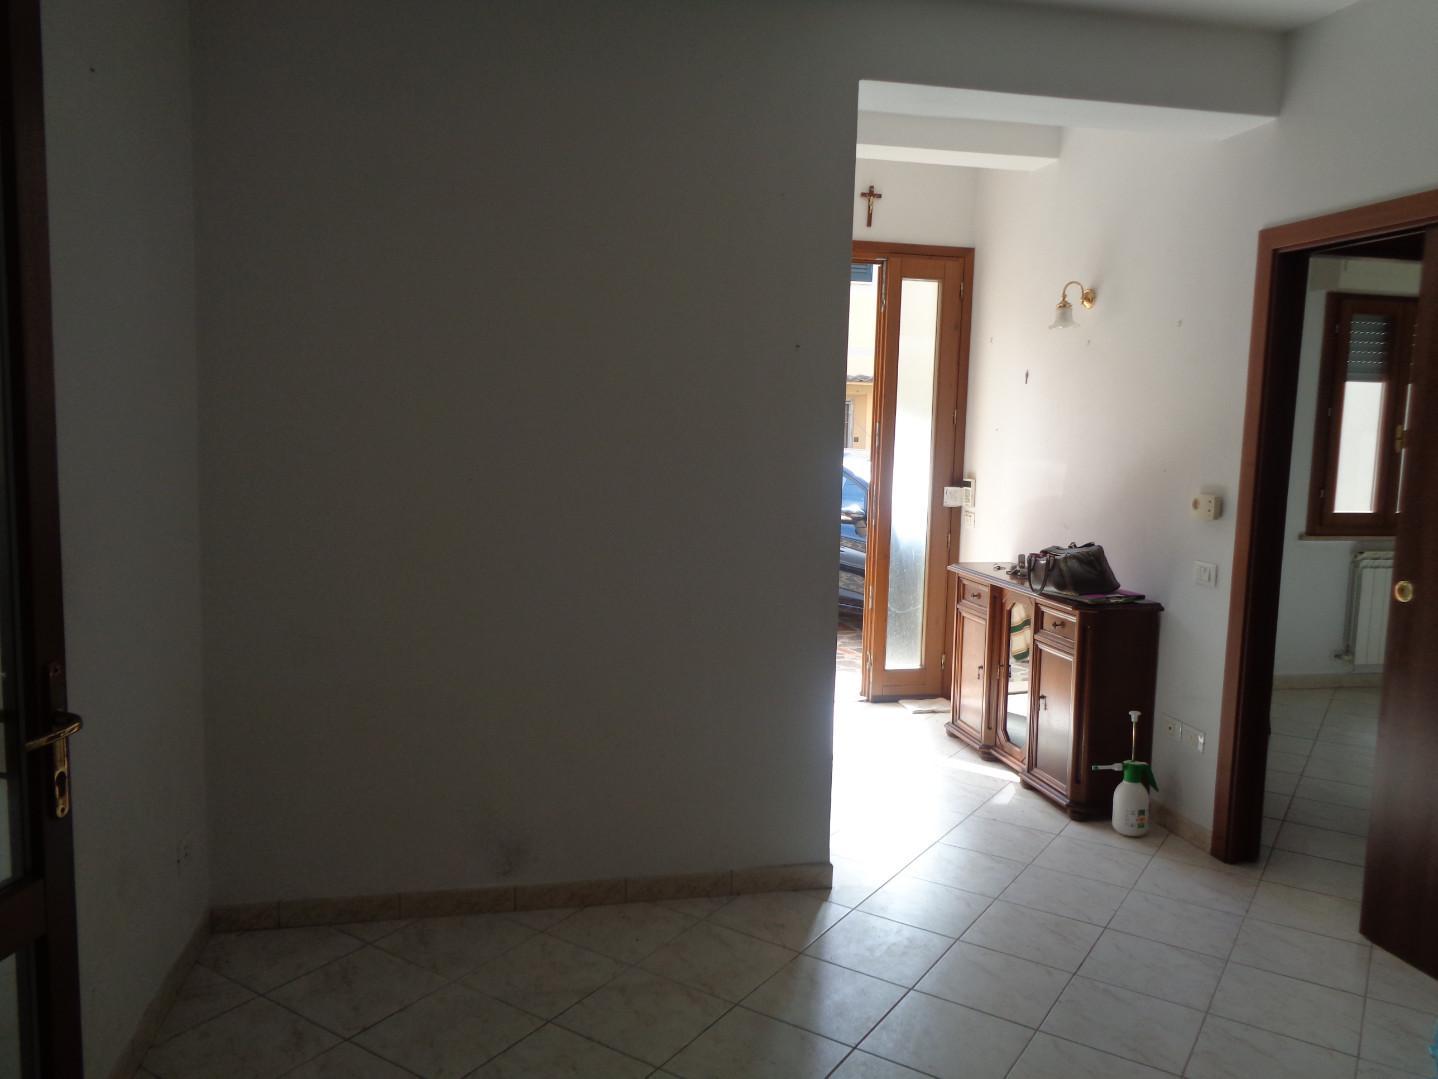 Casa semindipendente in vendita, rif. 132B